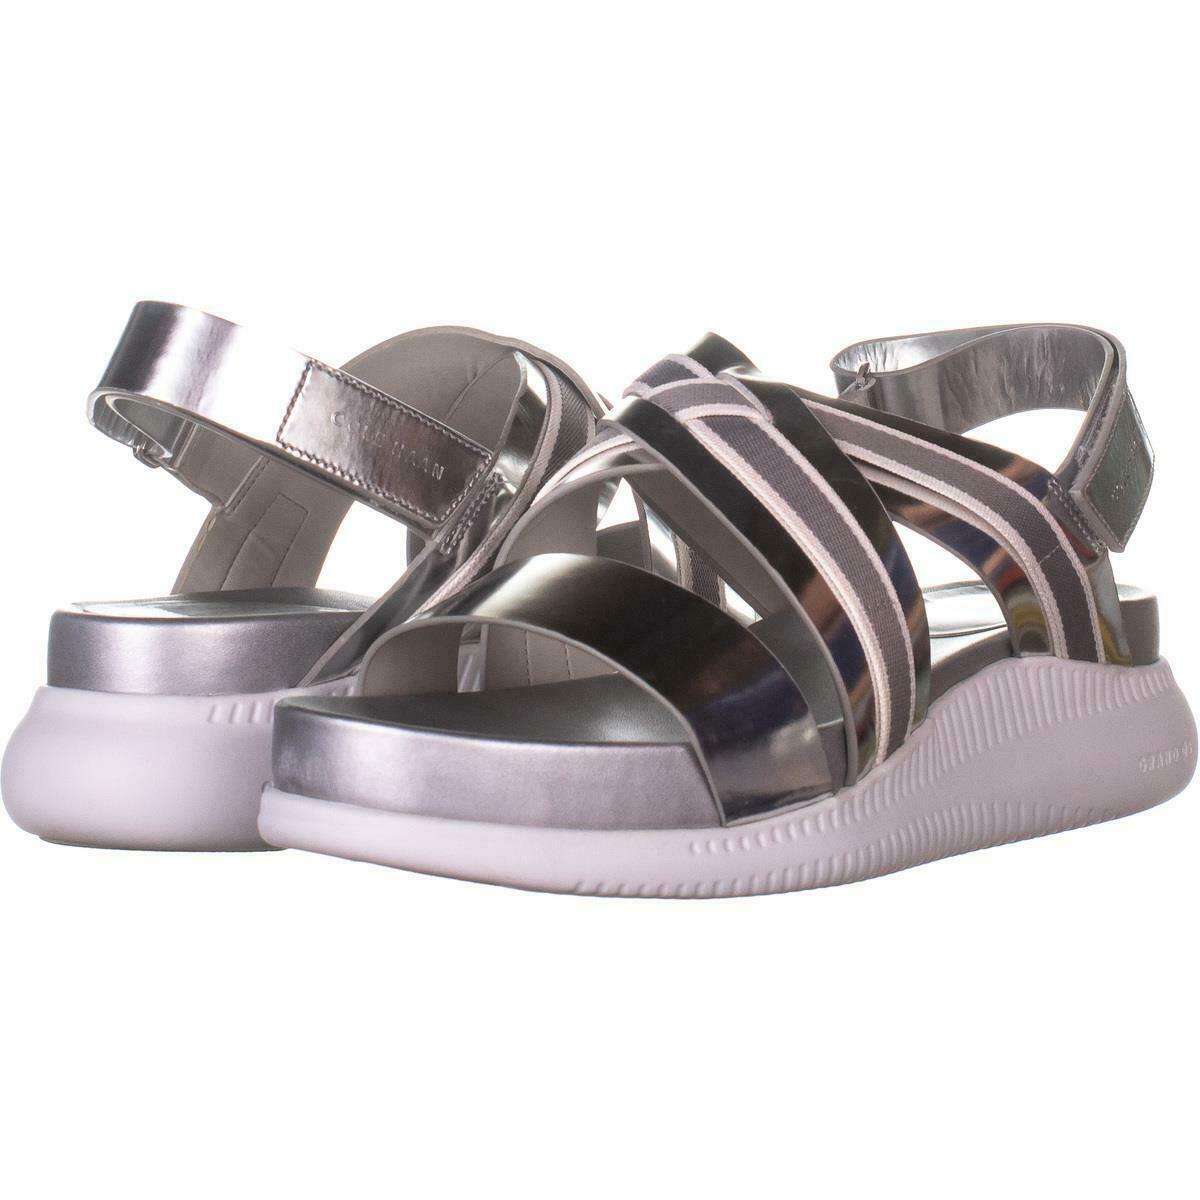 Cole Haan 2 Zerogrand Criss Cross Sandals 703, Argento, 10.5 US